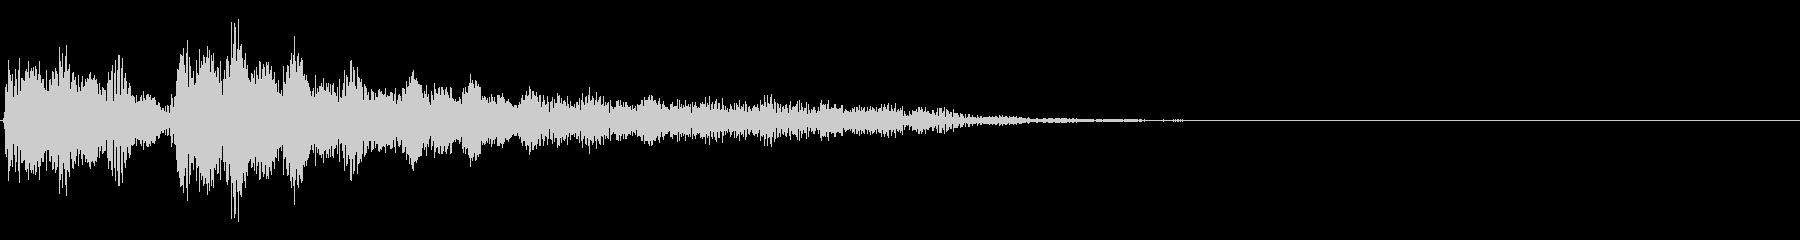 ぶぶー(不正解)の未再生の波形